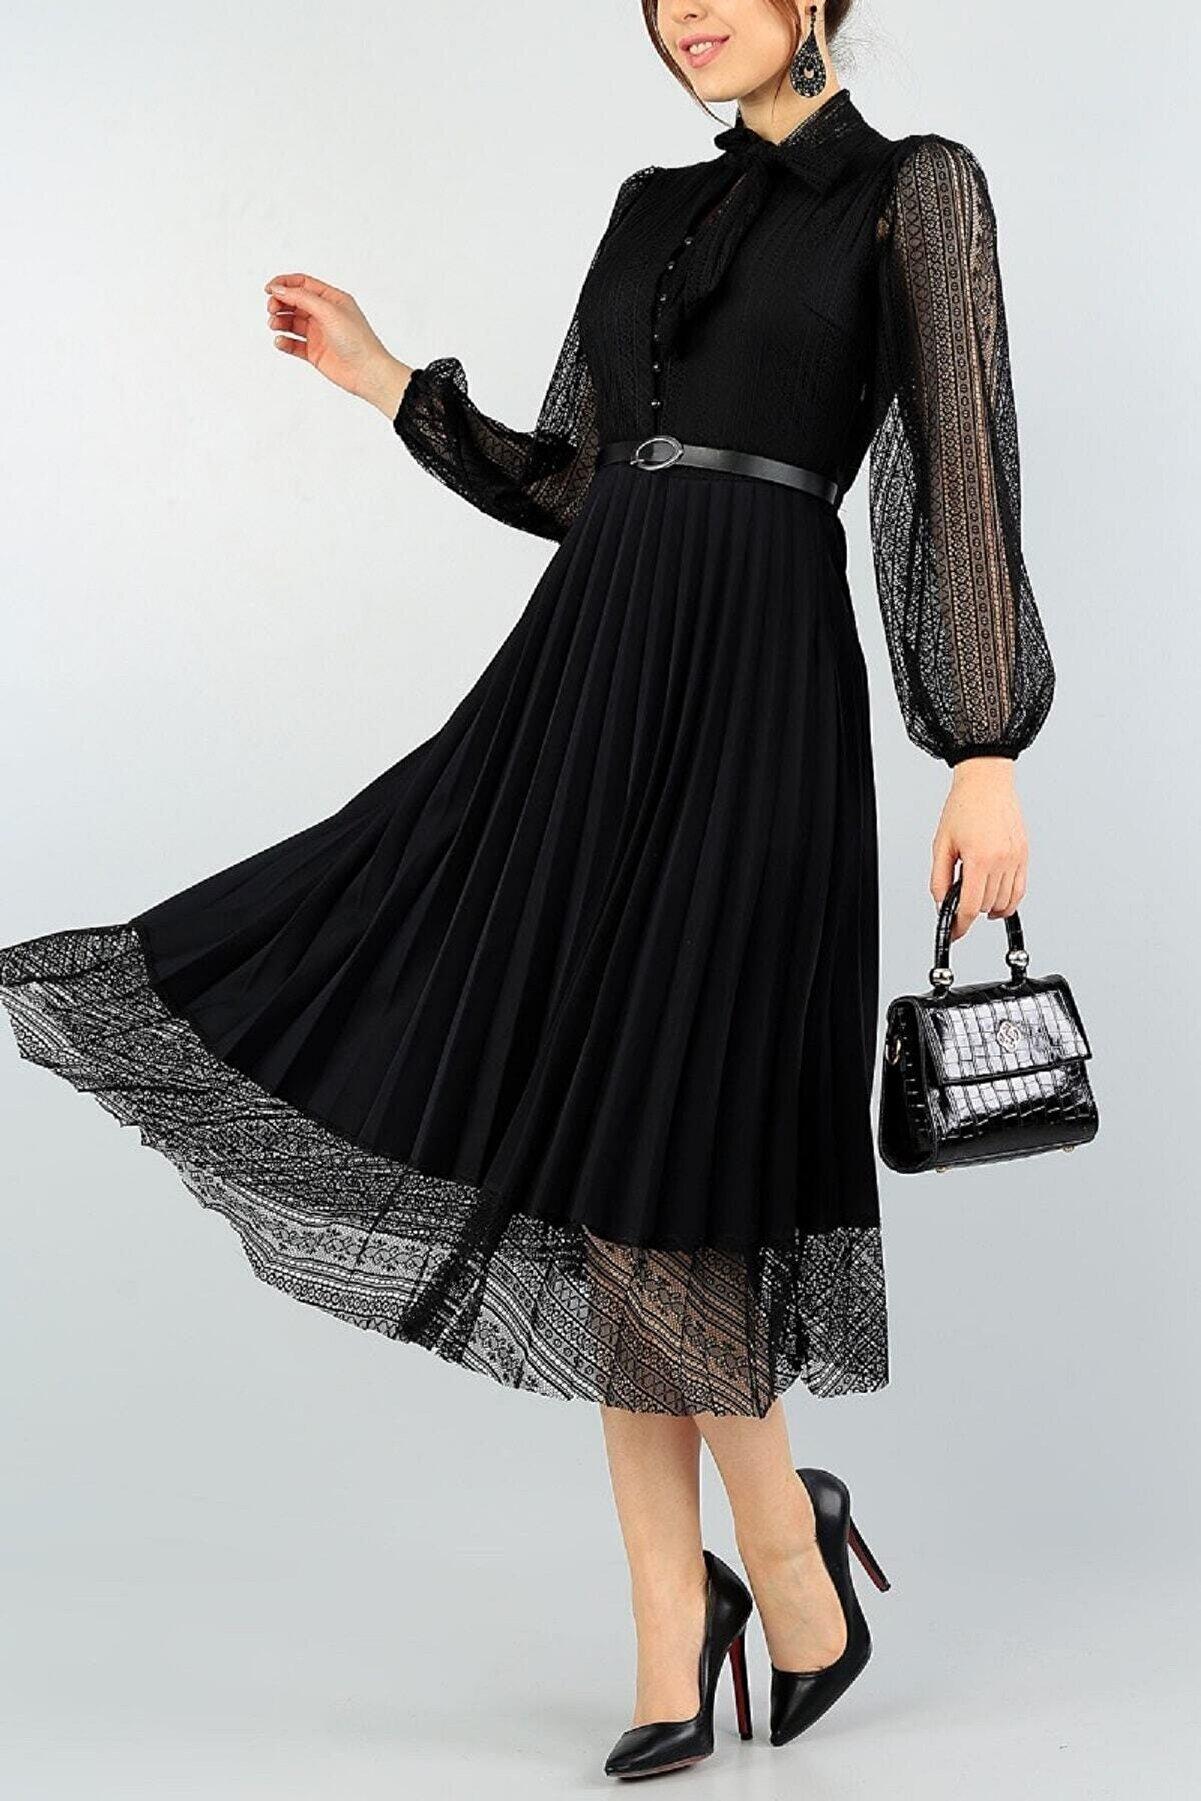 lovebox Piliseli Dantel Detaylı Kemerli Tasarım Uzun Kollu Siyah Elbise 57834